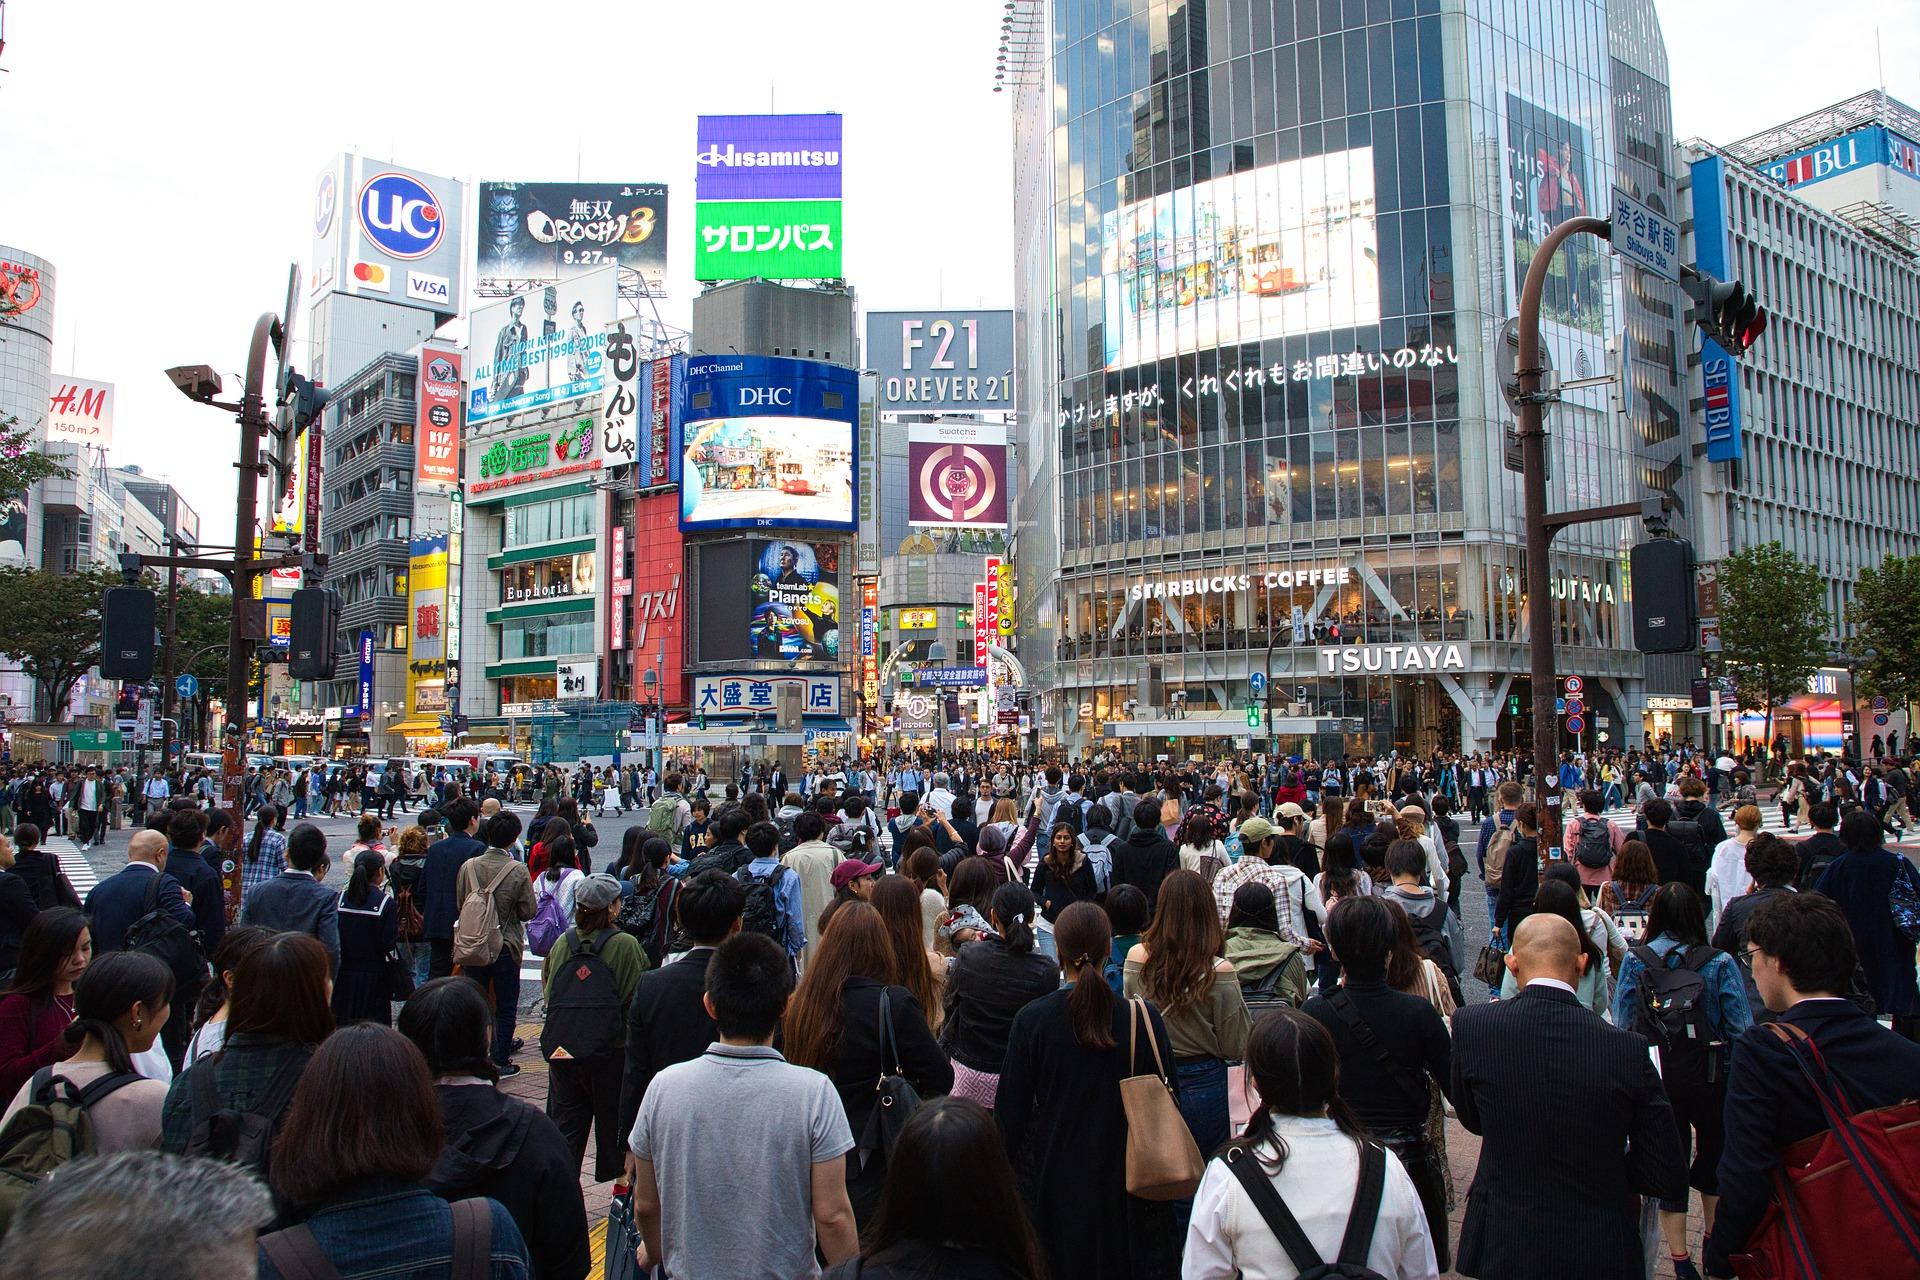 渋谷で格安のトランクルームは?エリアごとのおすすめを大公開